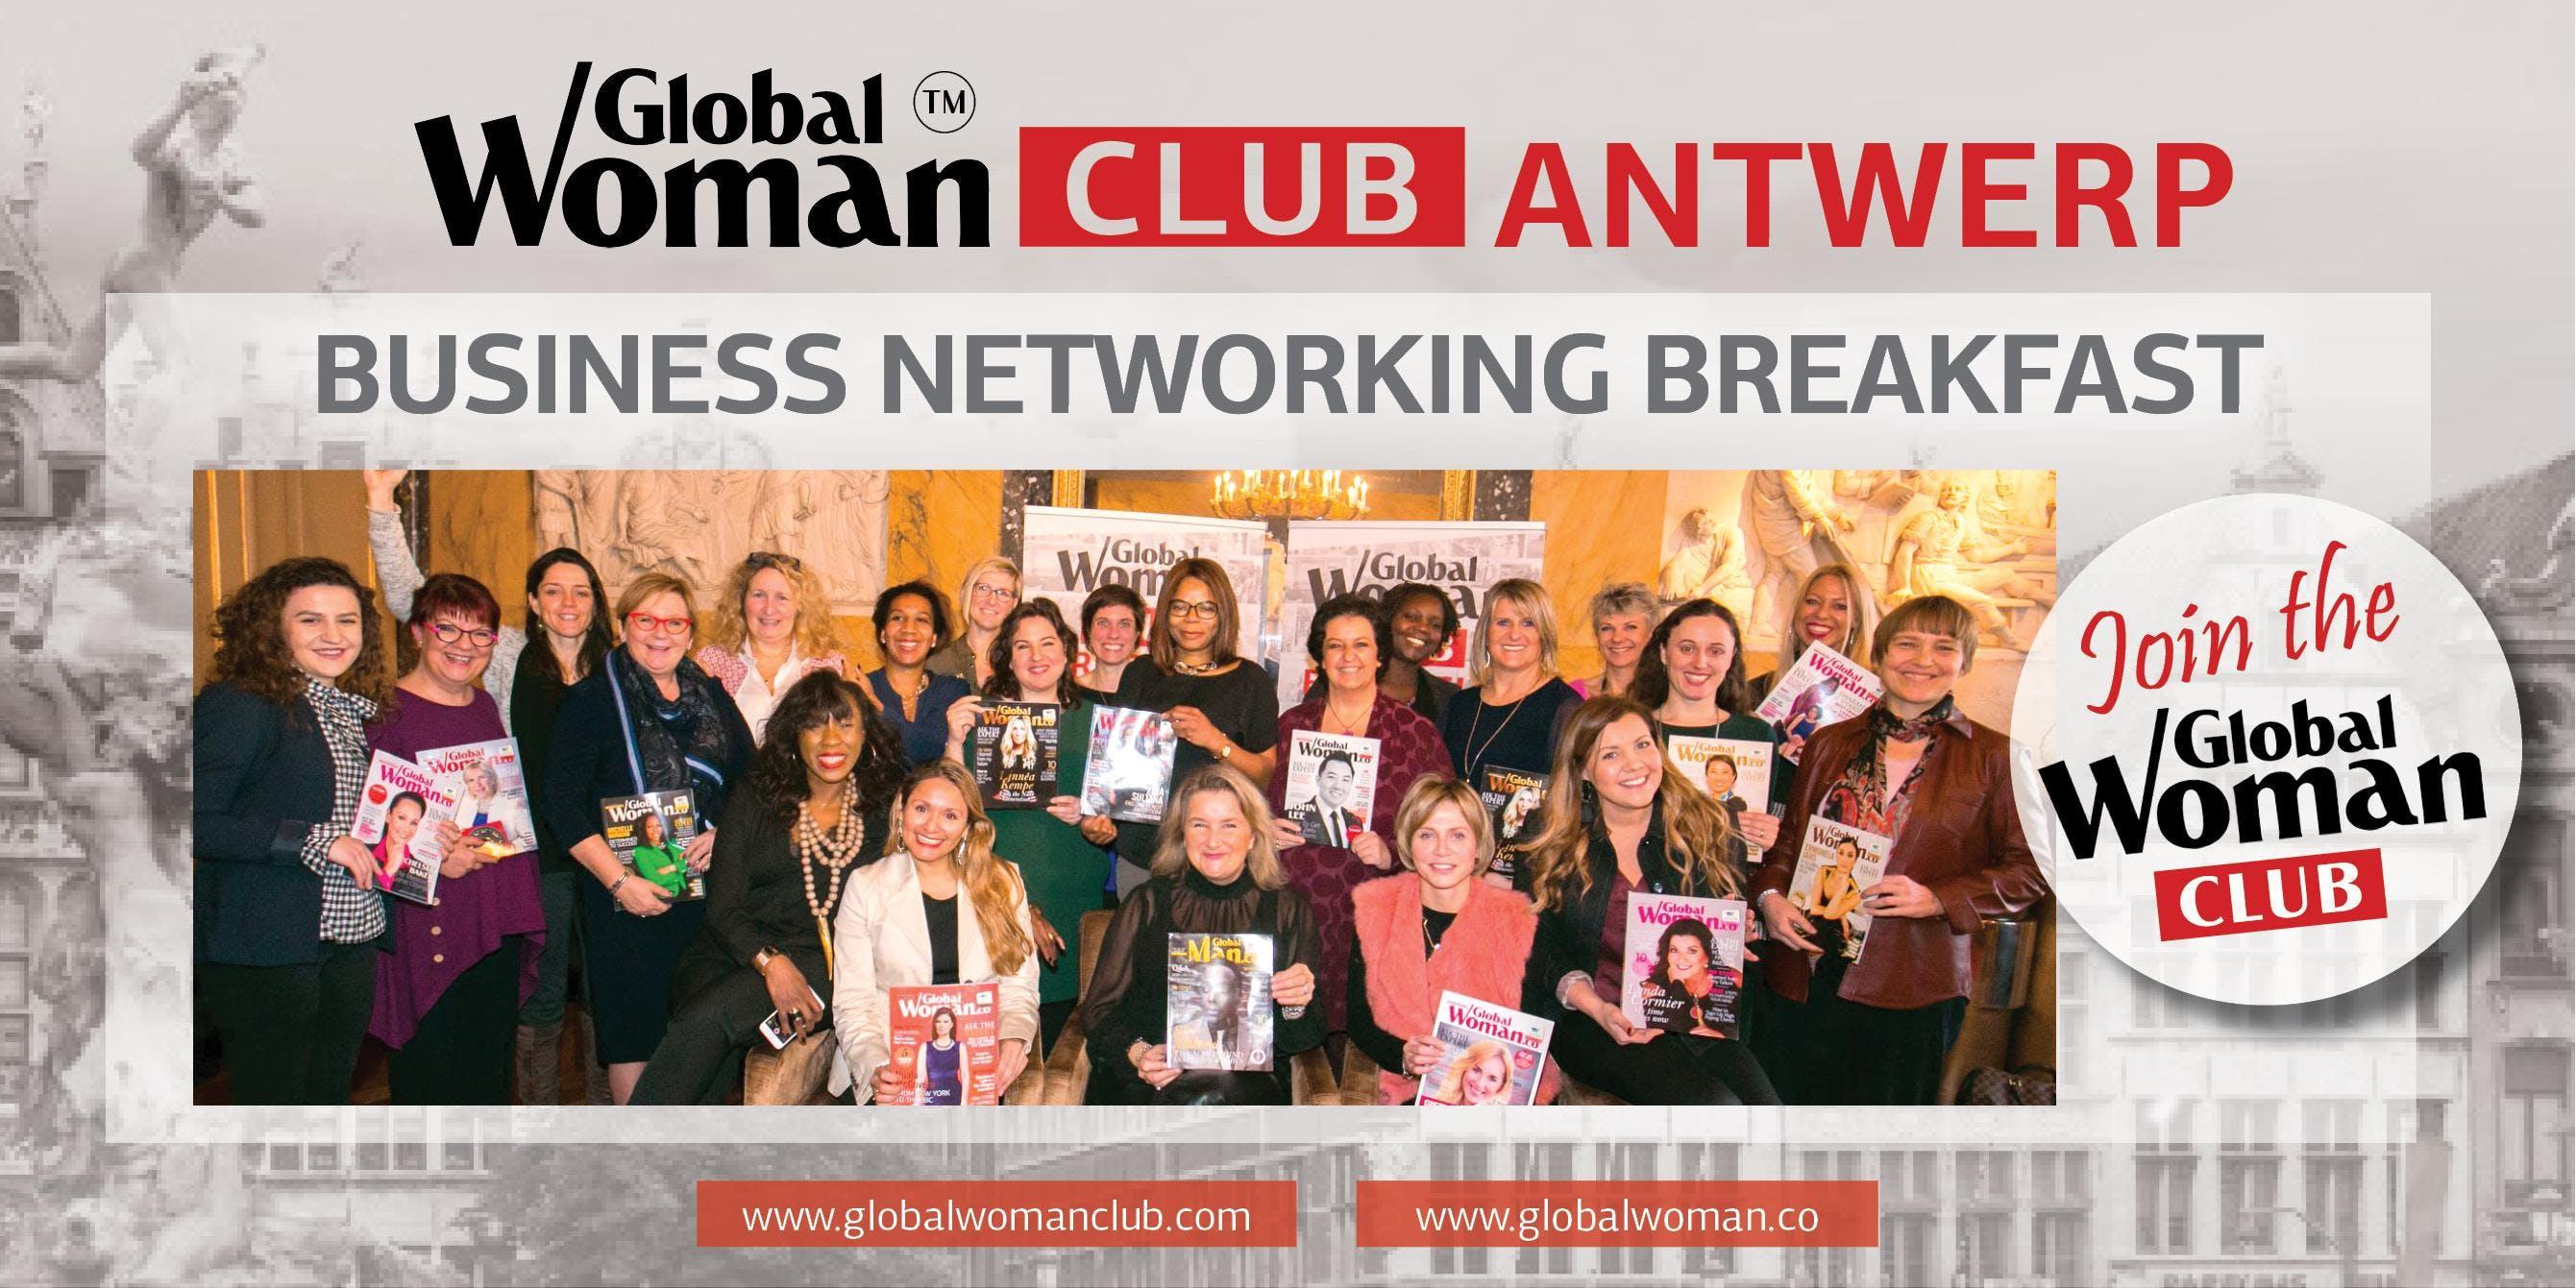 GLOBAL WOMAN CLUB ANTWERP BUSINESS BREAKFAST - JULY